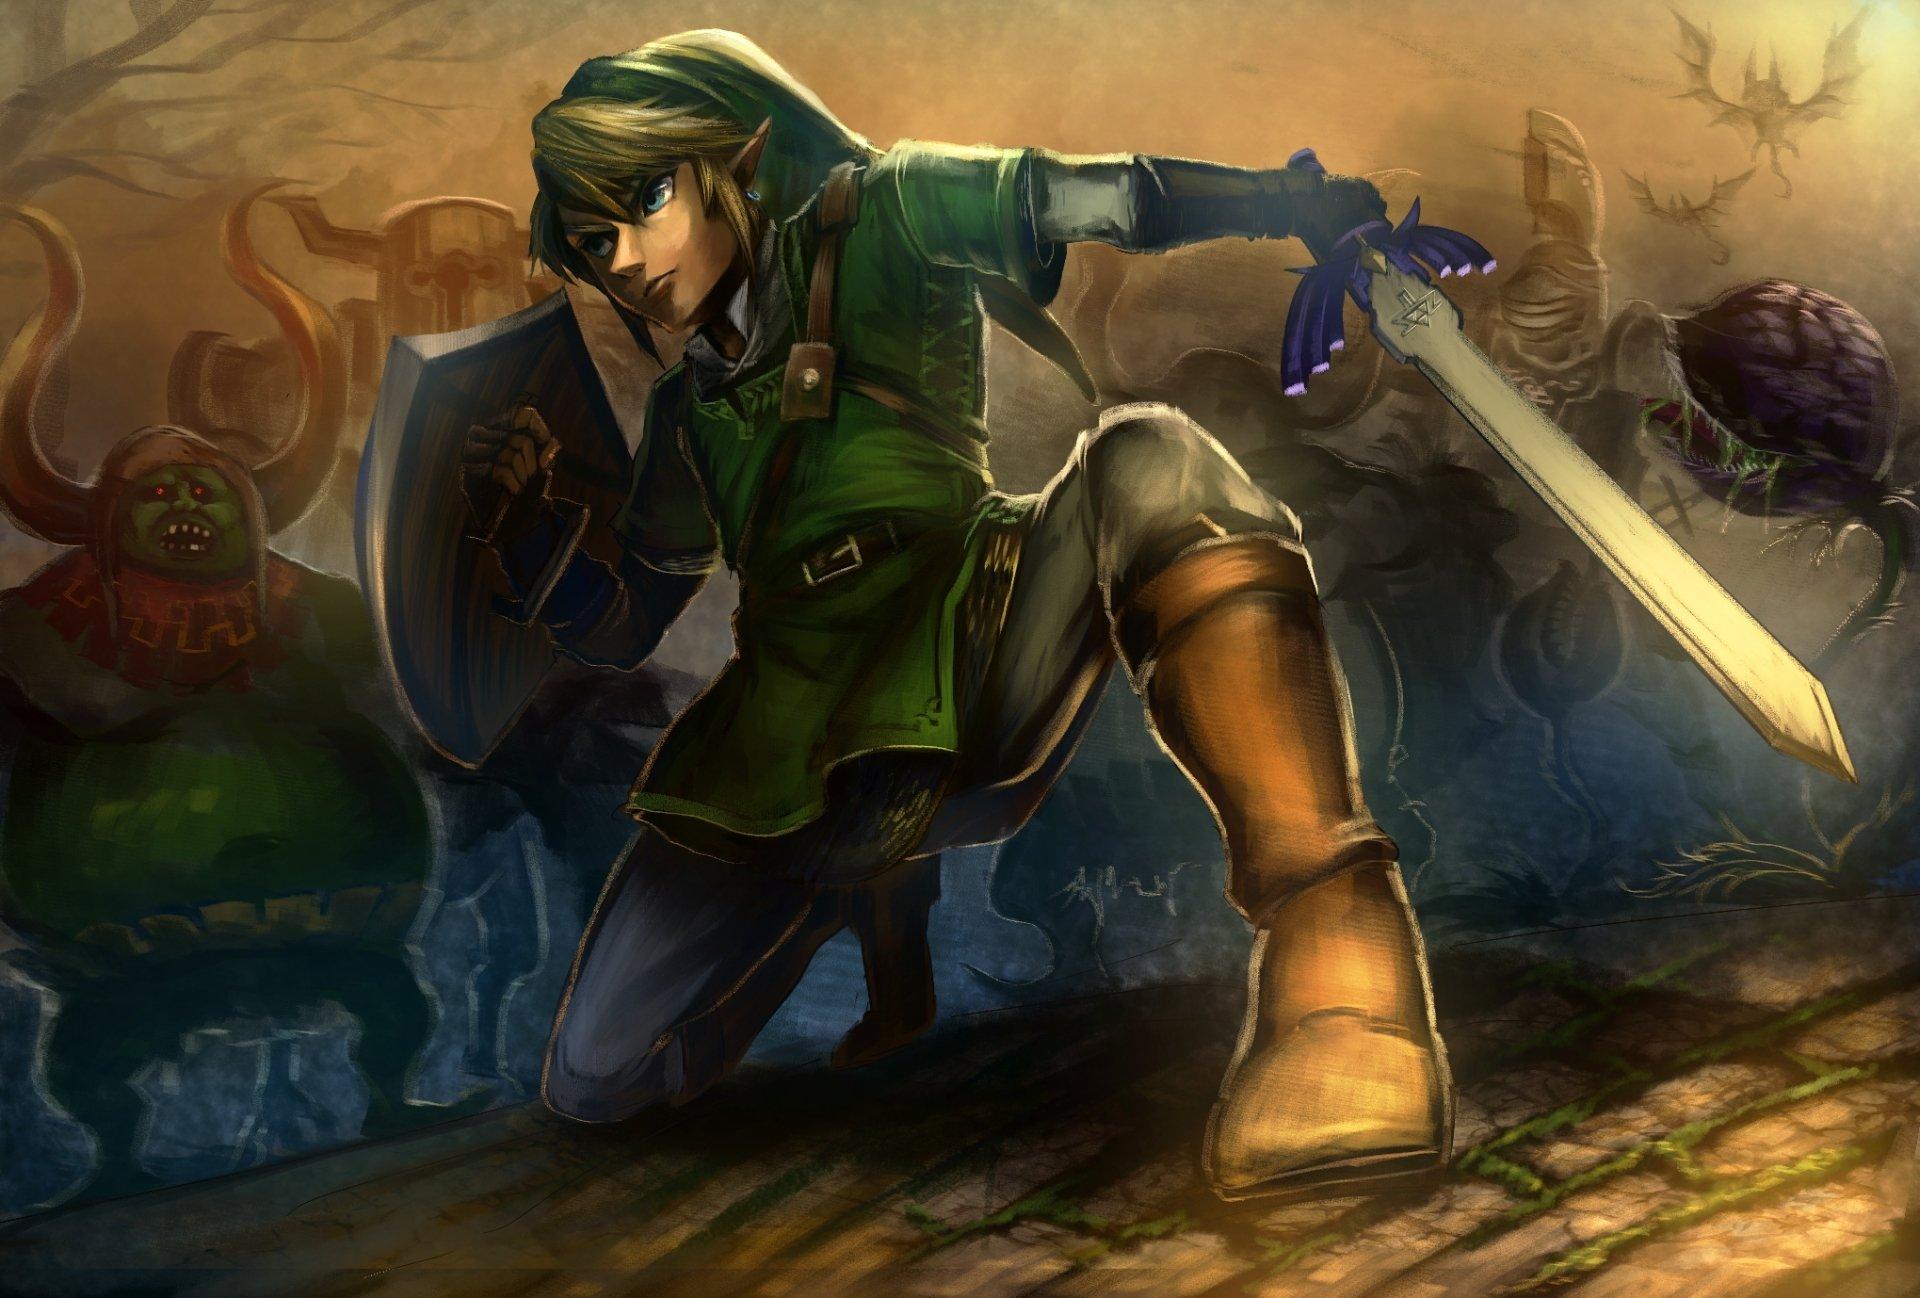 Video Game - The Legend of Zelda: Breath of the Wild  Link Sword Dark Wallpaper